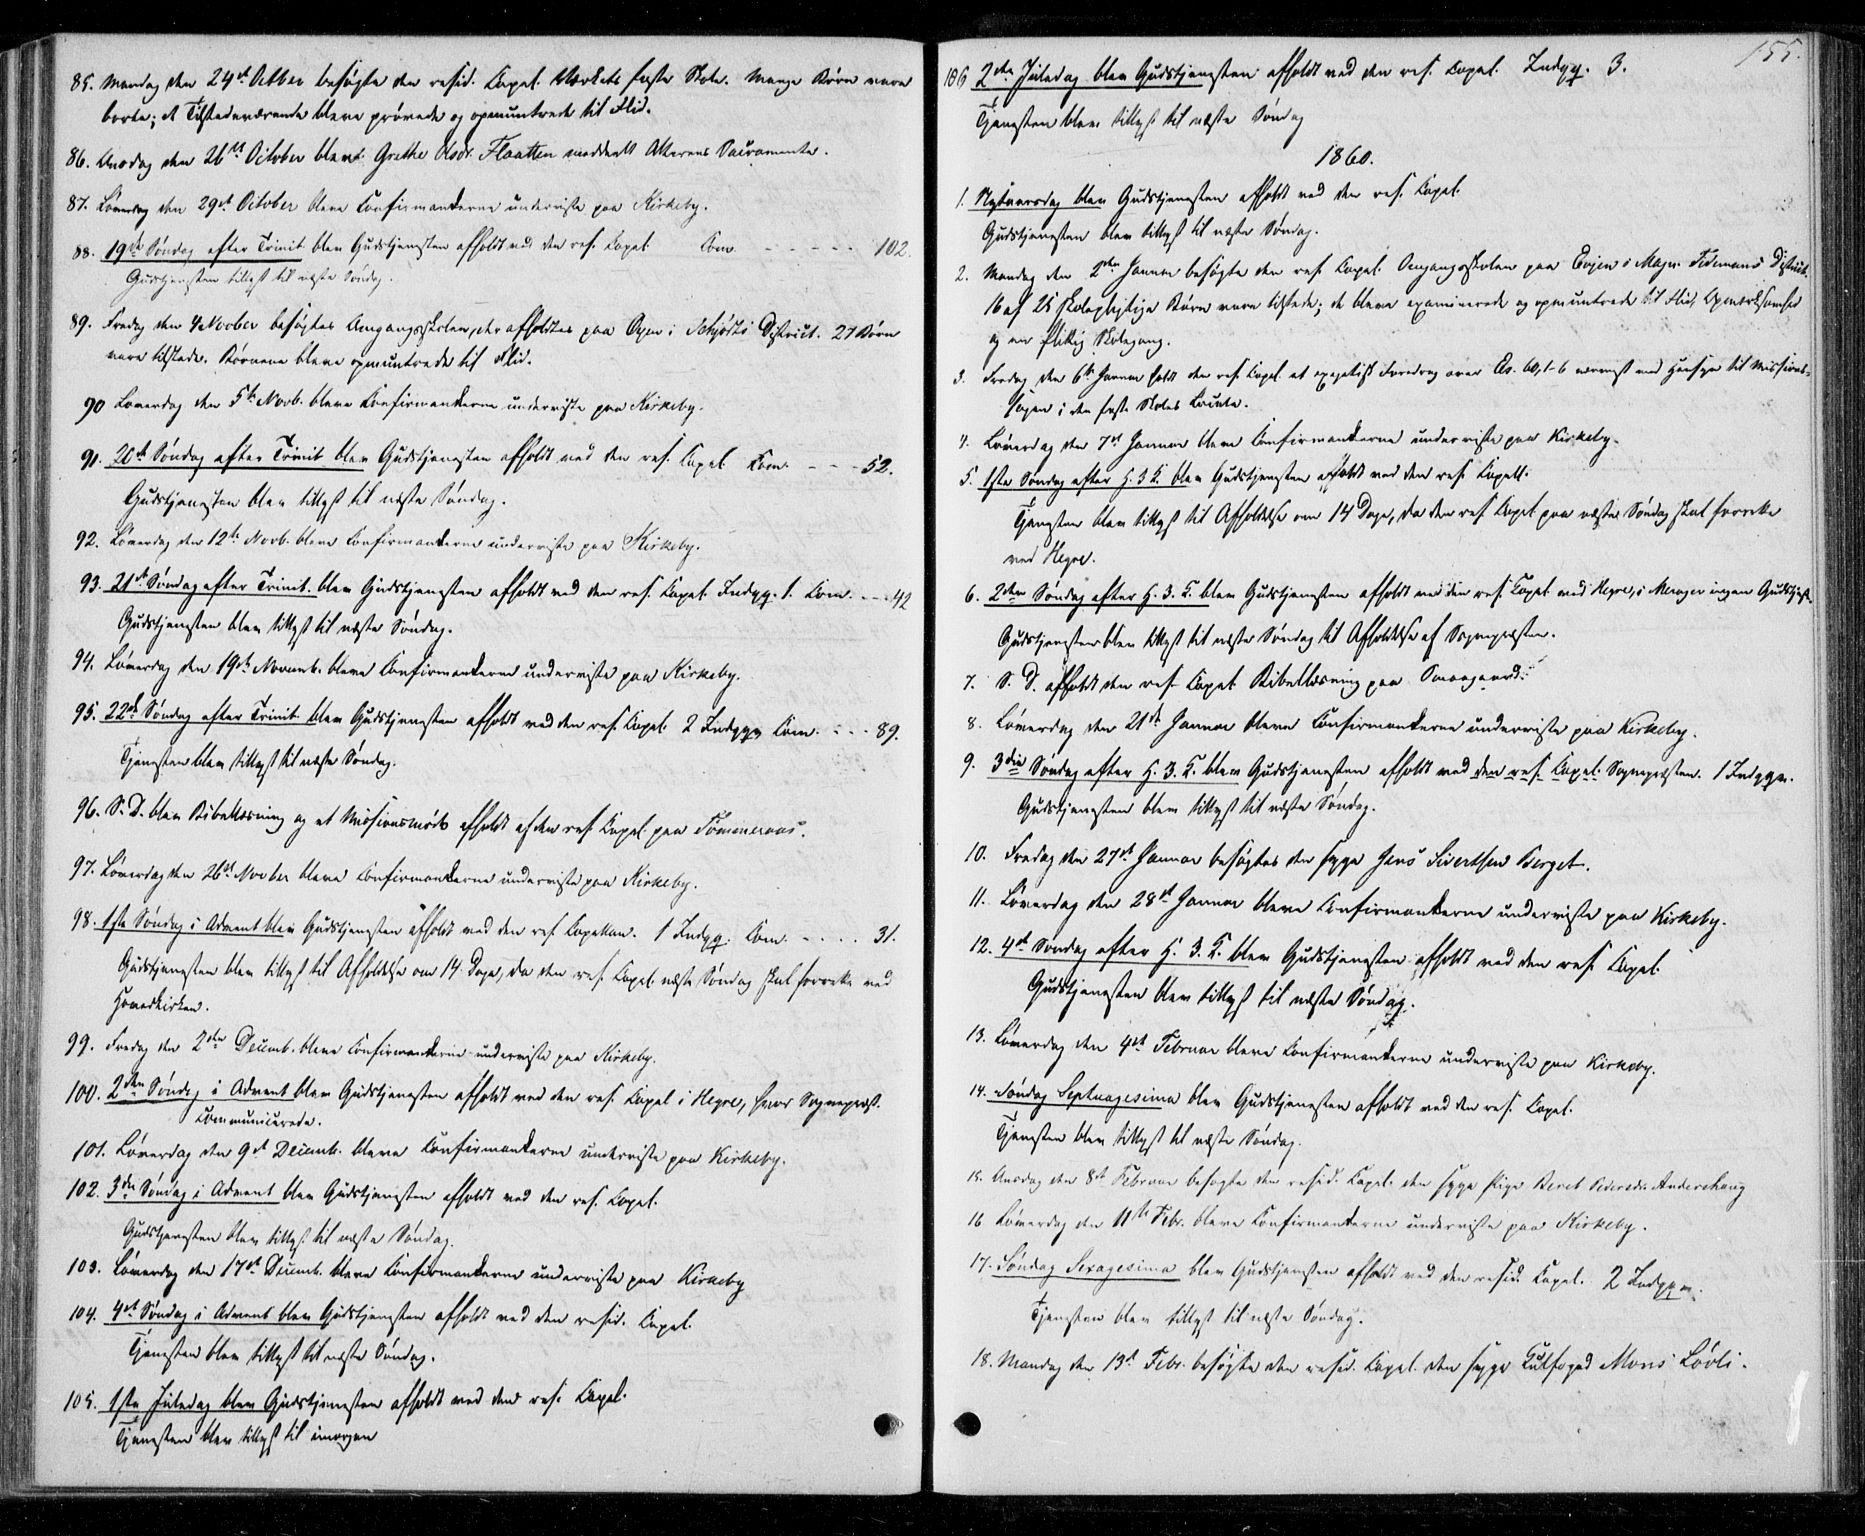 SAT, Ministerialprotokoller, klokkerbøker og fødselsregistre - Nord-Trøndelag, 706/L0040: Parish register (official) no. 706A01, 1850-1861, p. 155